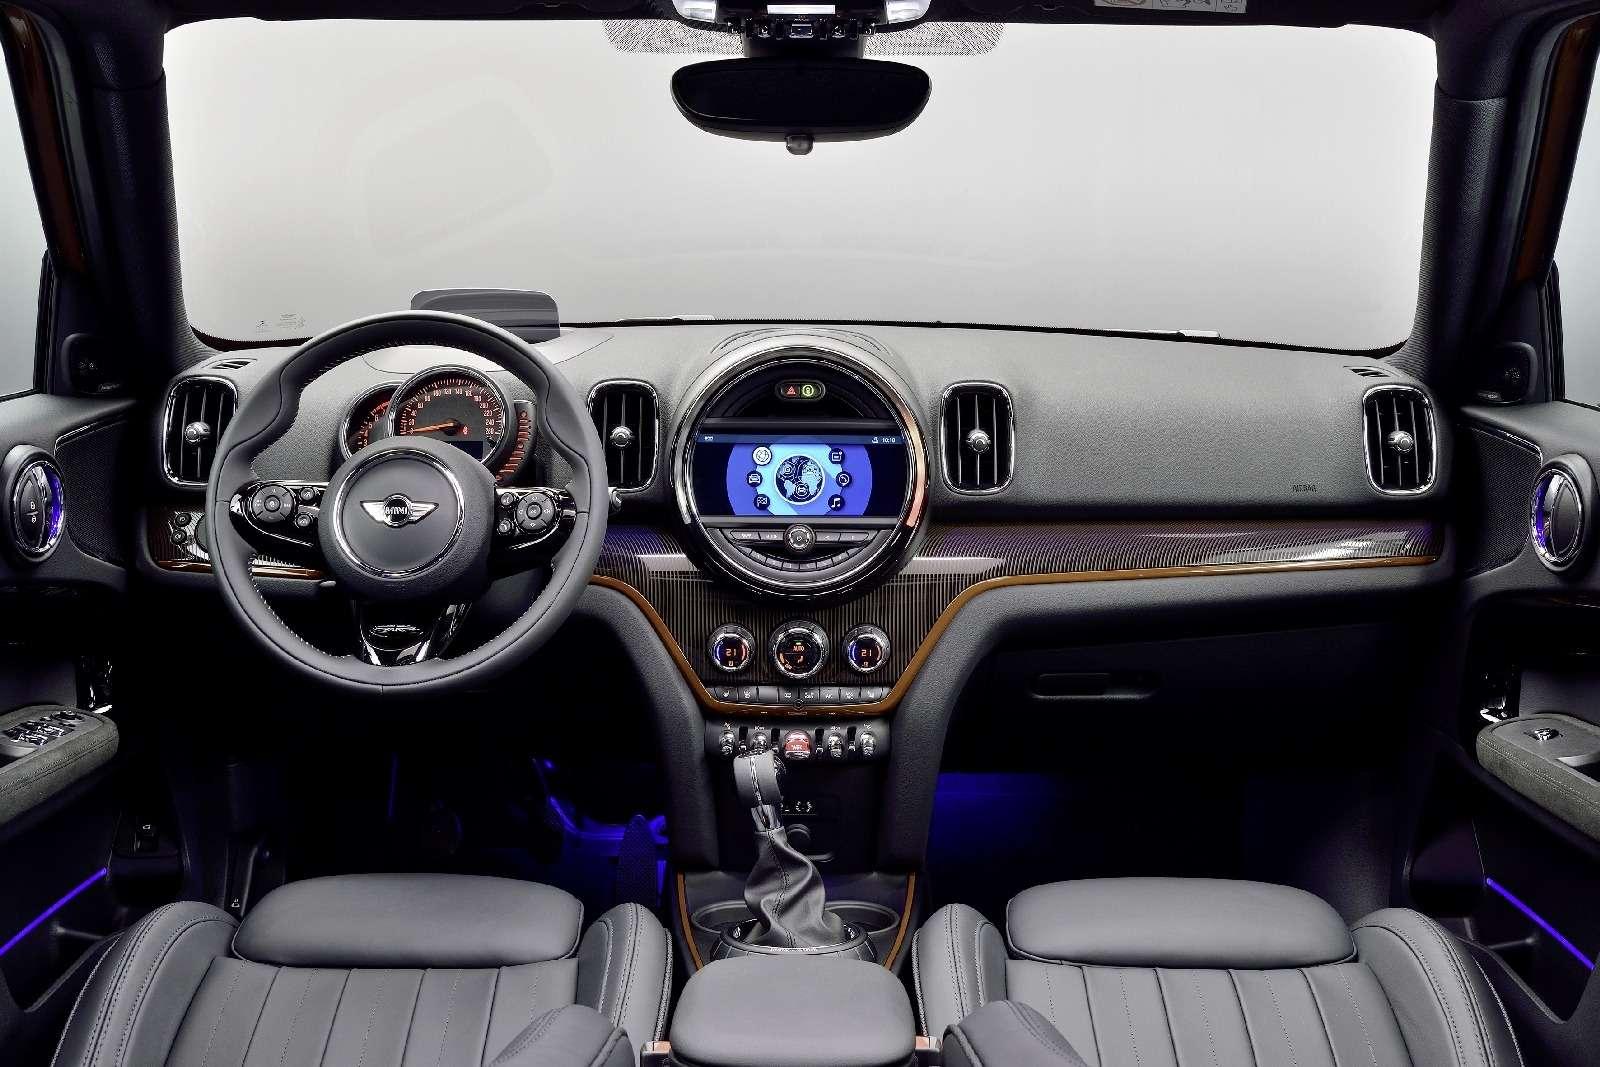 BMWнестанет прекращать поставки машин из-за ЭРА-ГЛОНАСС— фото 694179